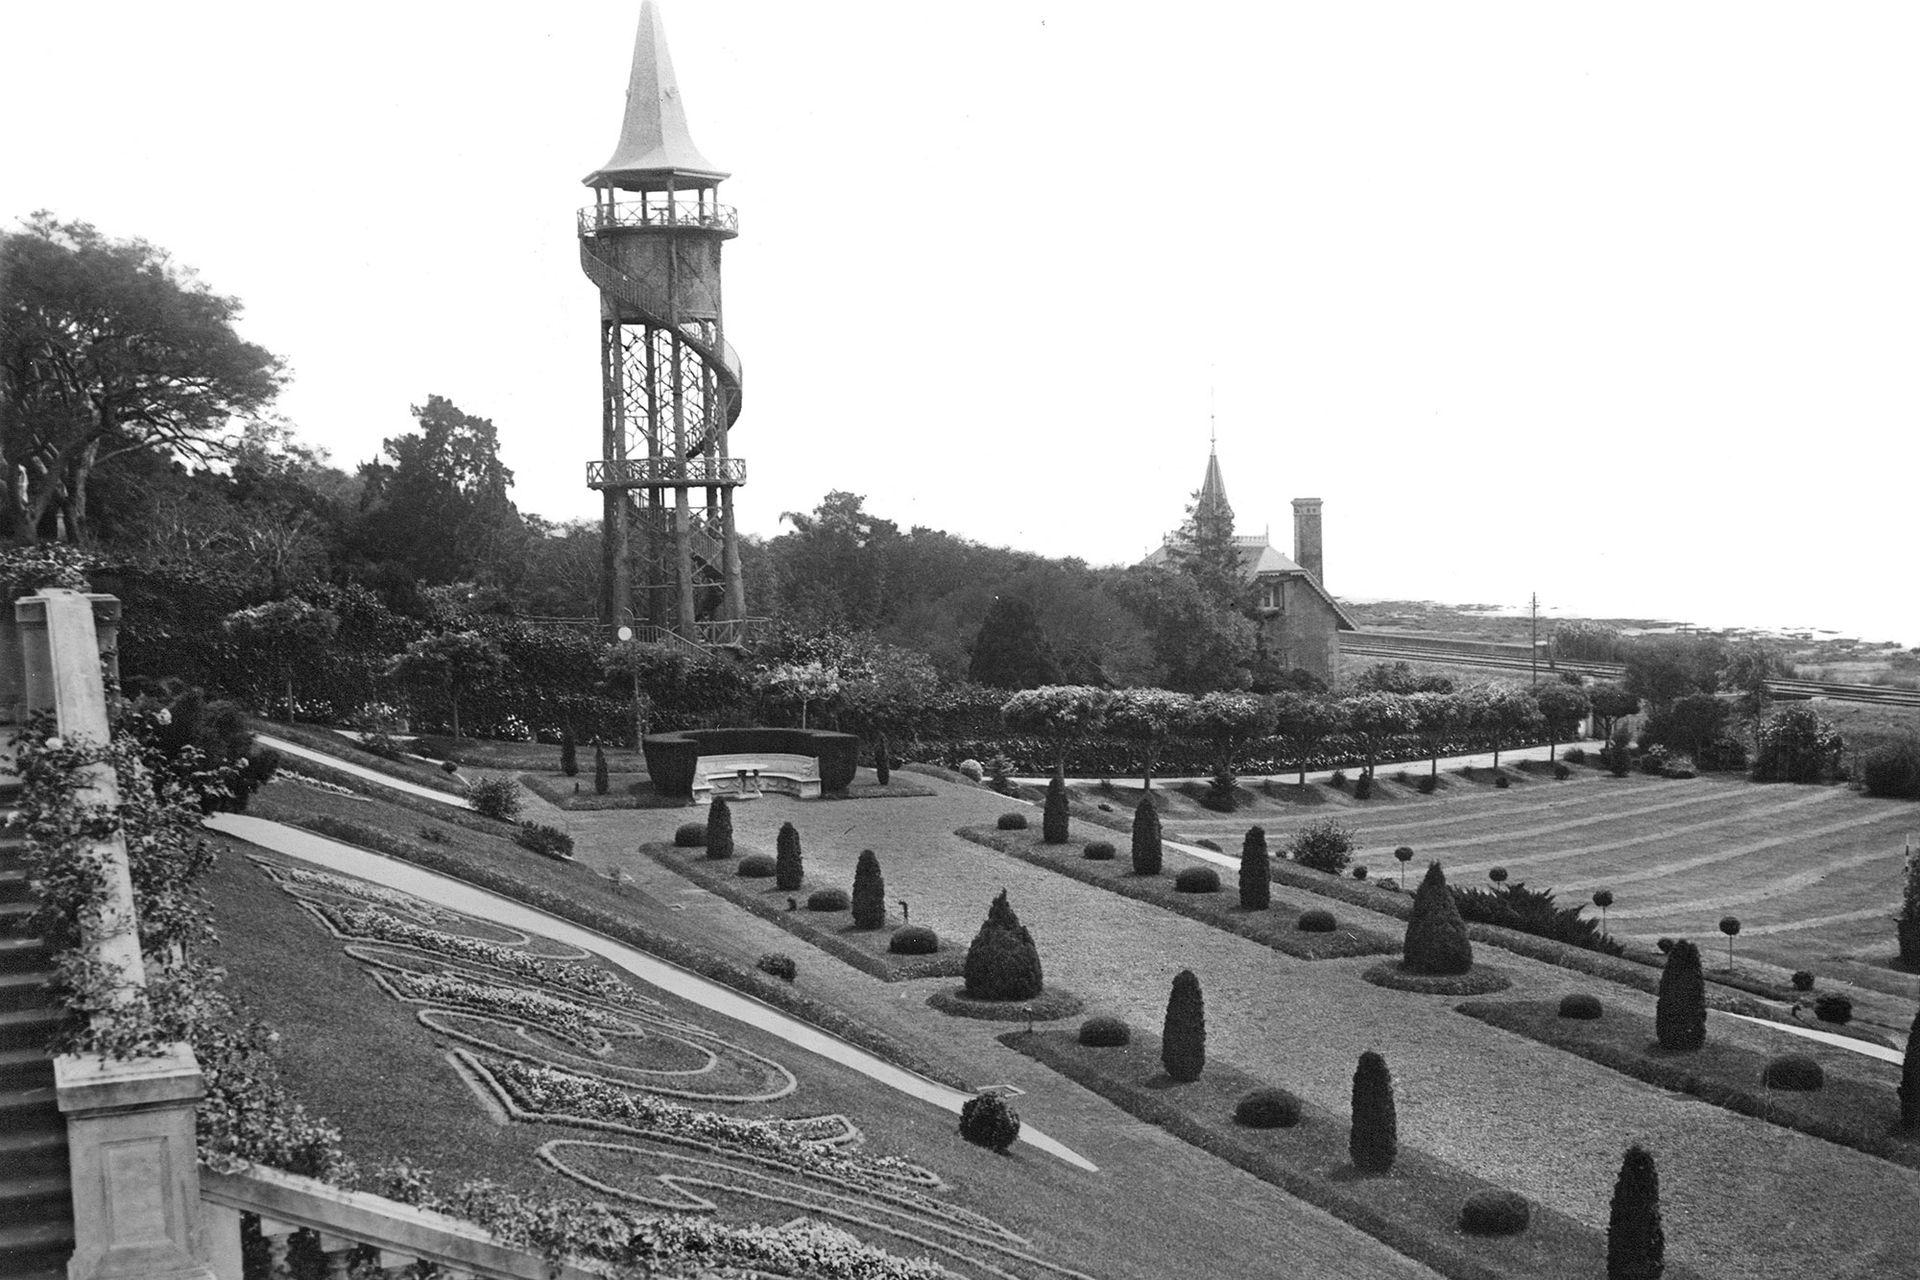 Vista desde el parque de La Lucila. La torre que se aprecia es parte de la quinta Rioland, que estaba al lado.